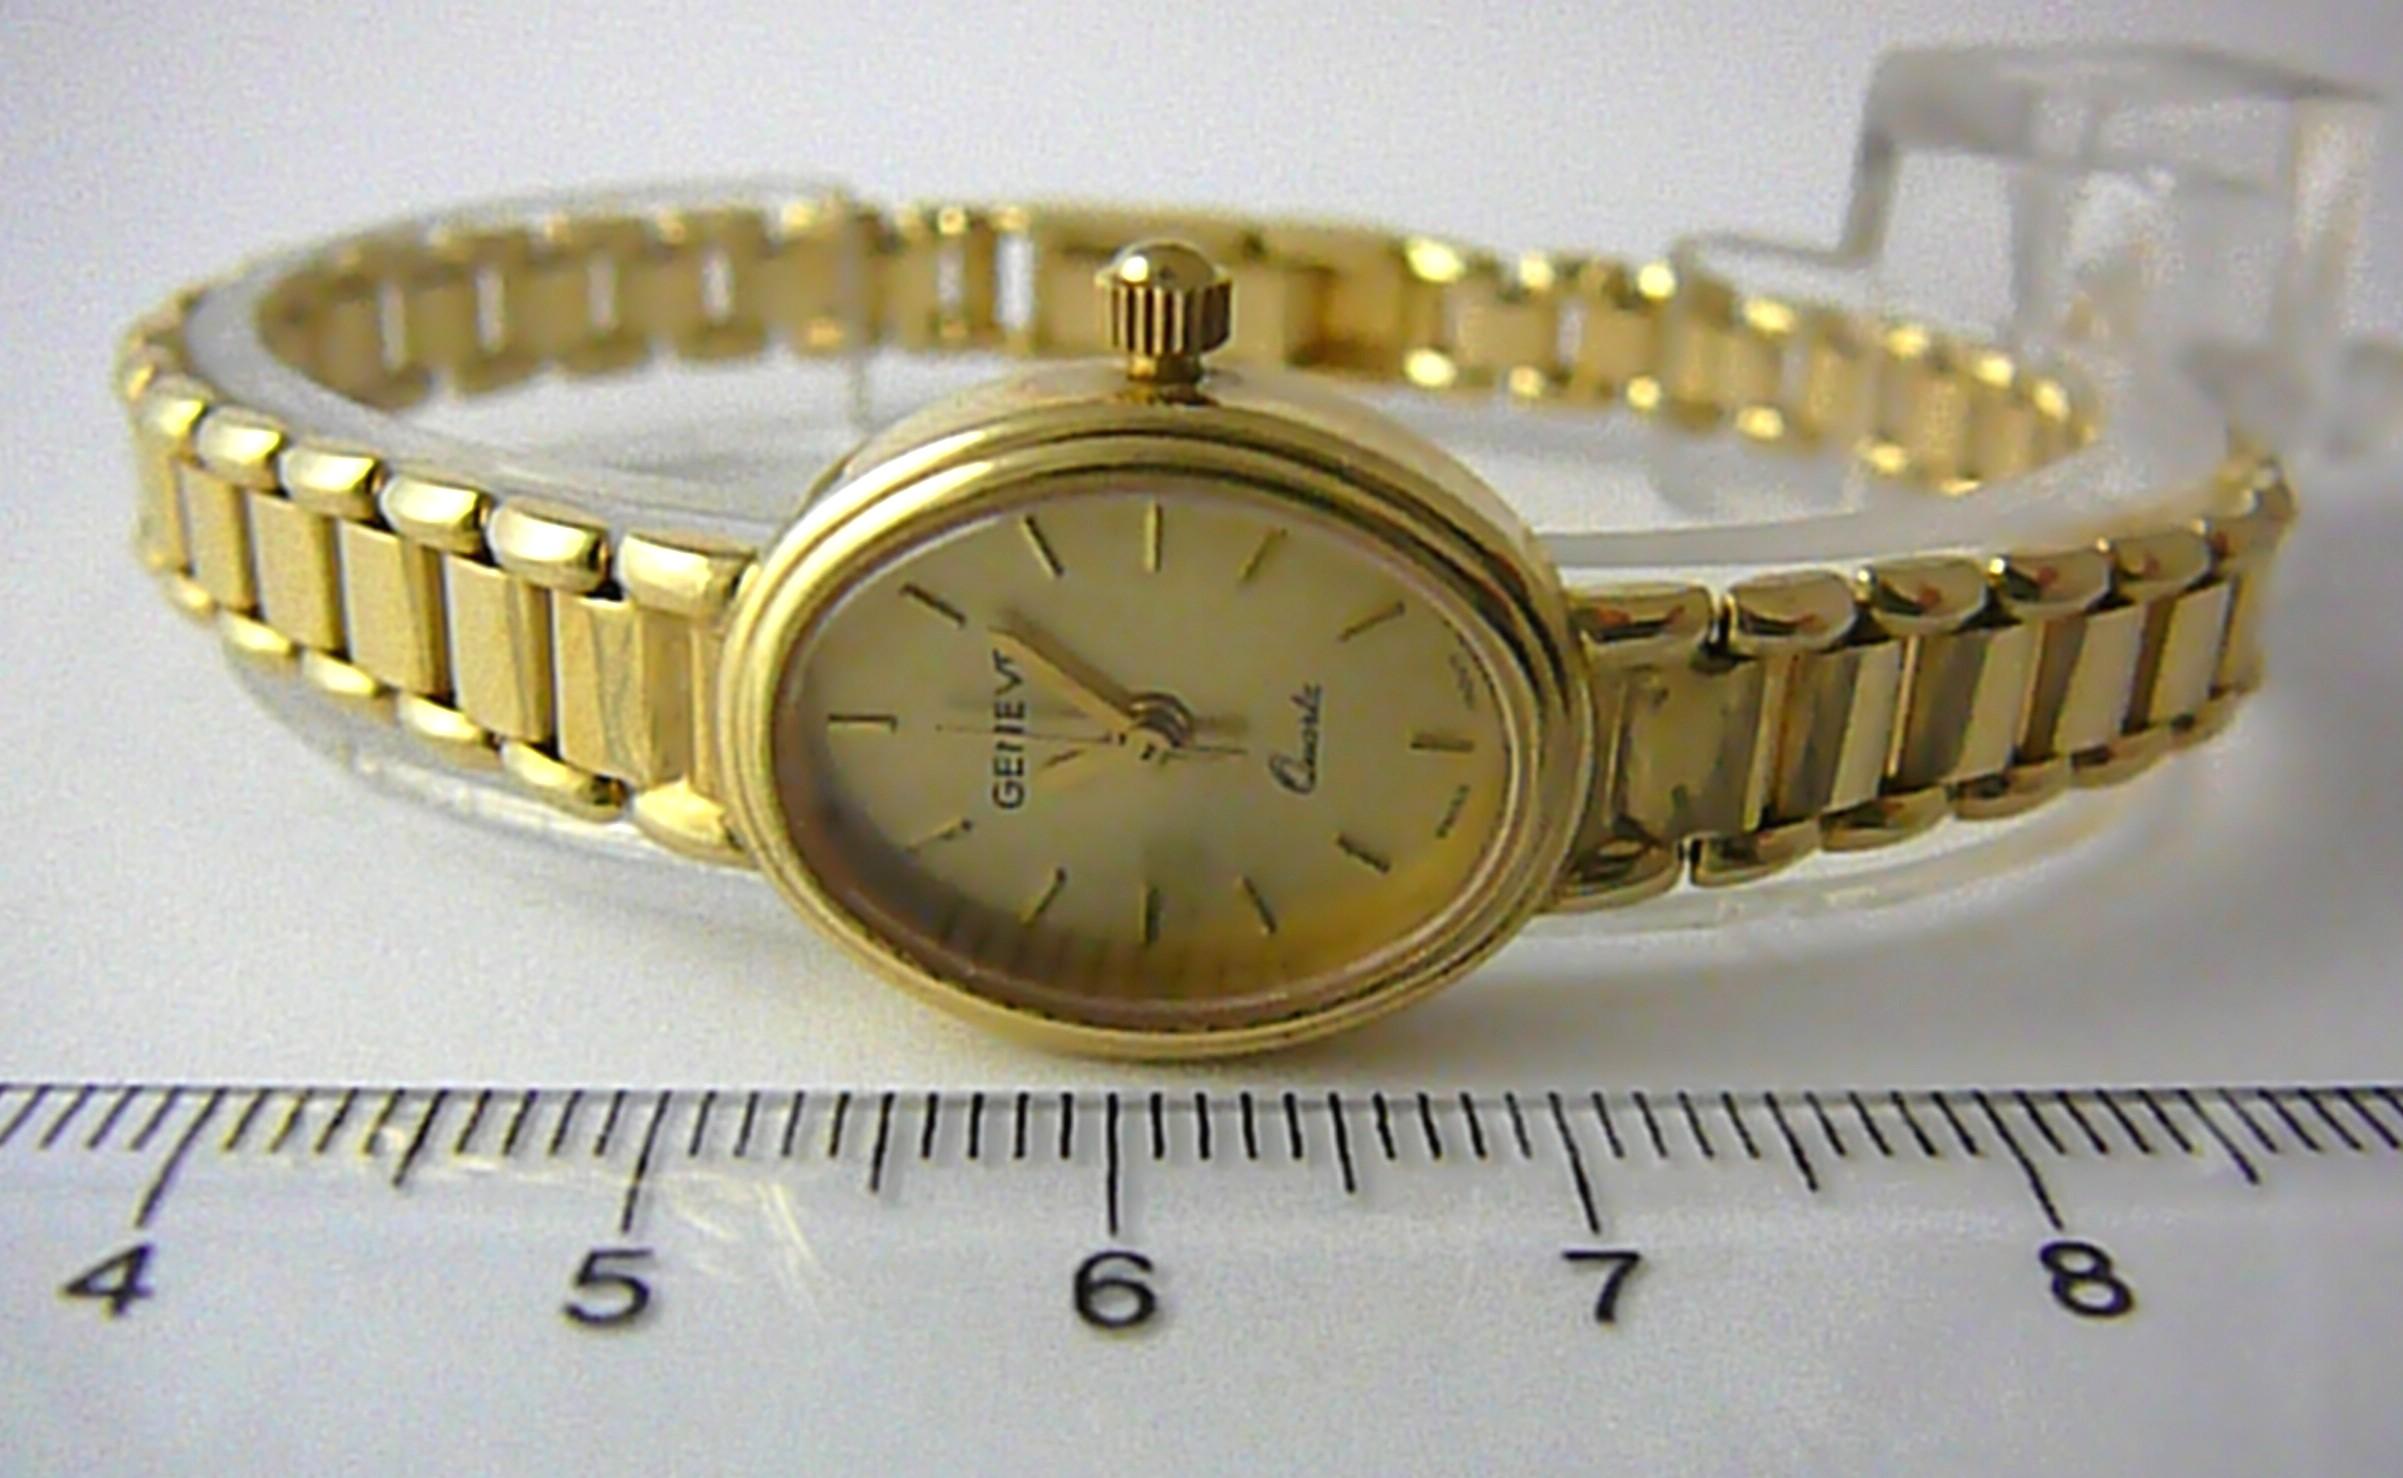 Kompletní specifikace · Ke stažení · Související zboží · Komentáře (0). Luxusní  společenské dámské švýcarské zlaté hodinky GENEVE 585 19 ... 9fc4de846cc